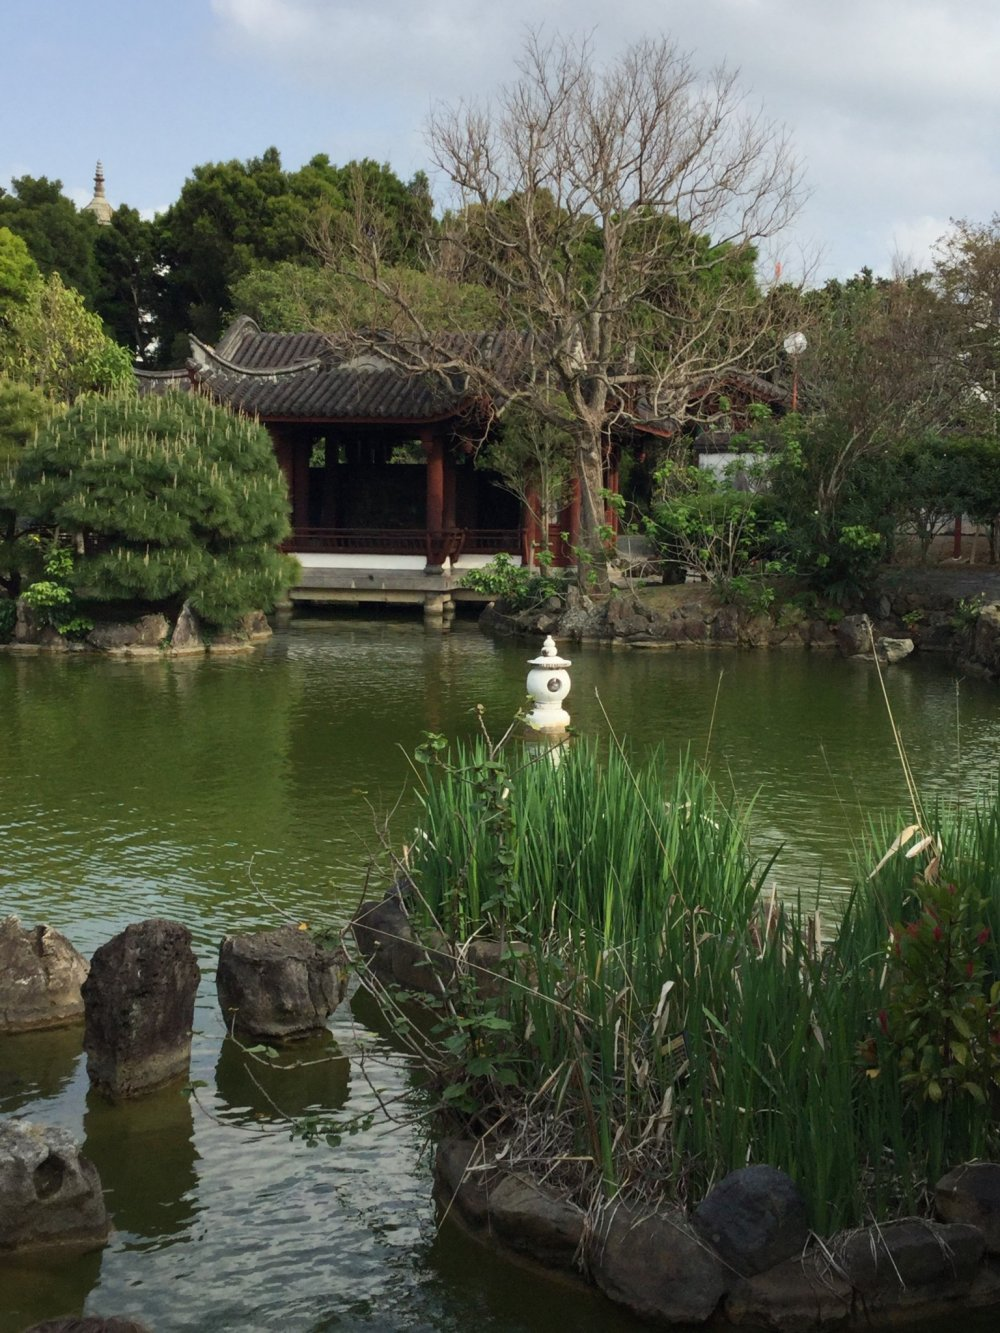 วิวทางเข้าสวน มองจากฝั่งตรงกันข้ามสระน้ำ